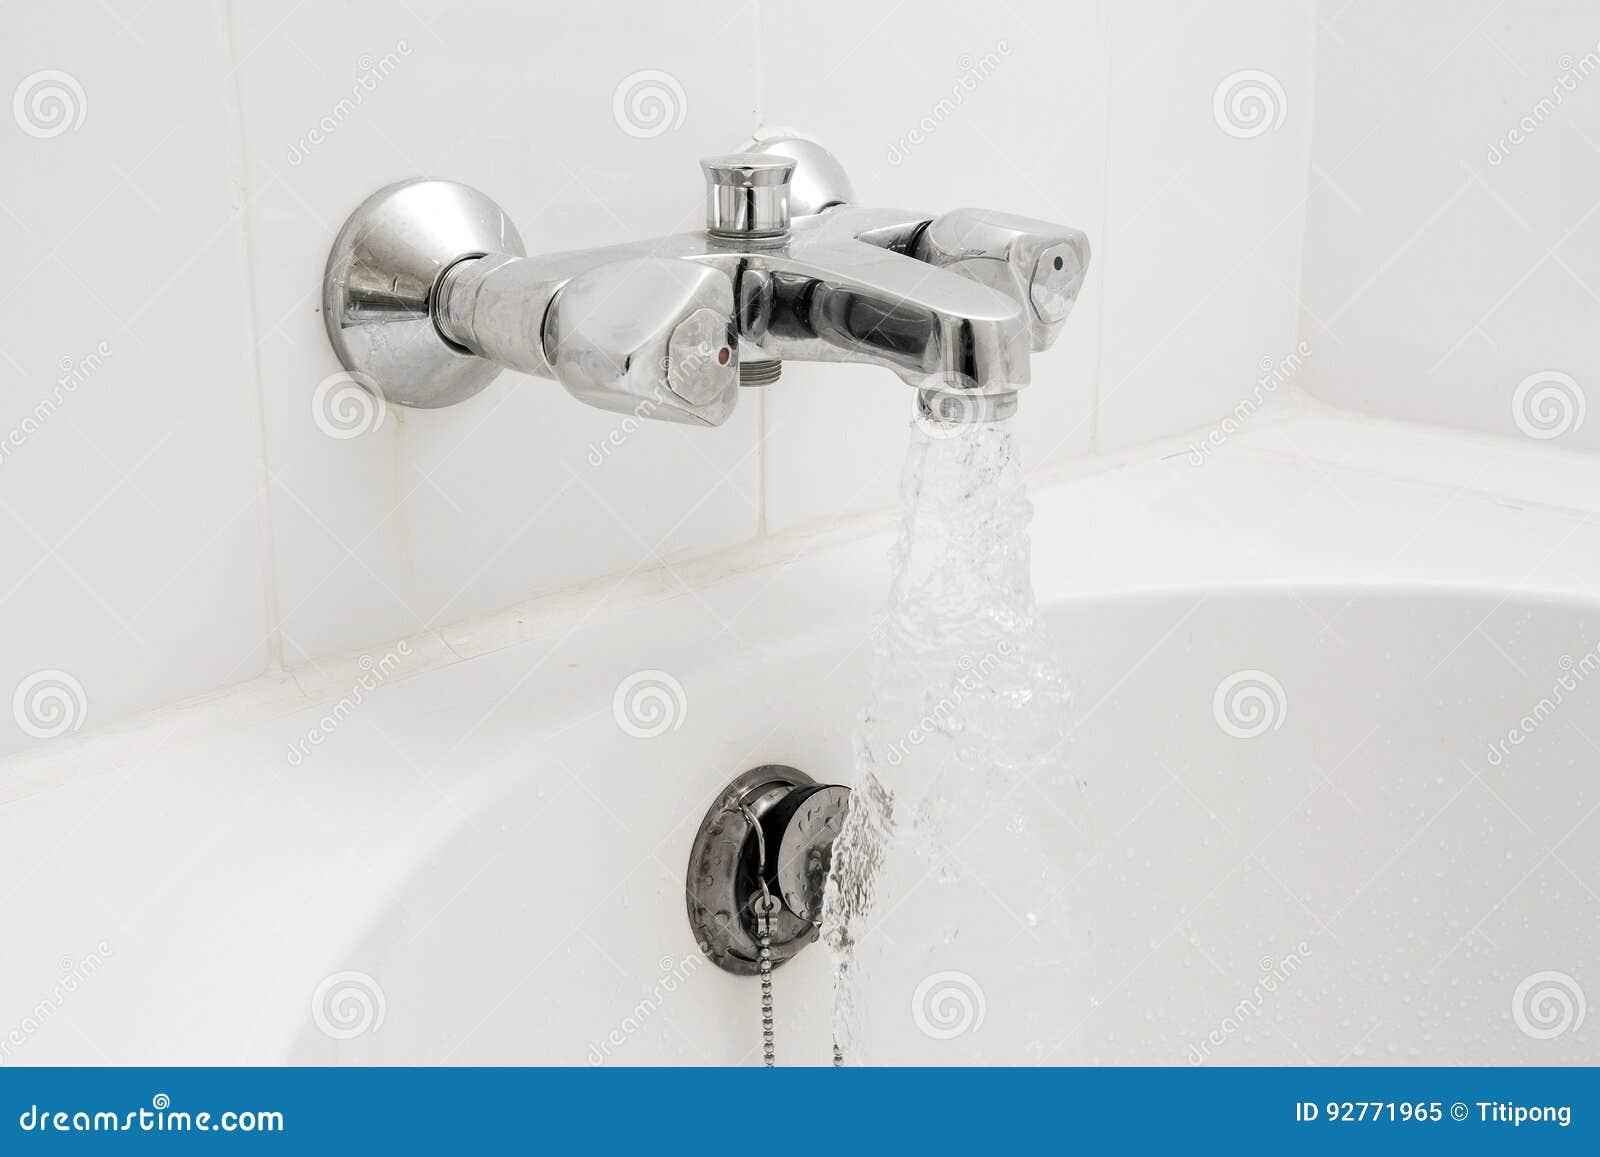 Vasca Da Bagno Per Hotel : Vasca da bagno e rubinetto di lusso con acqua immagine stock